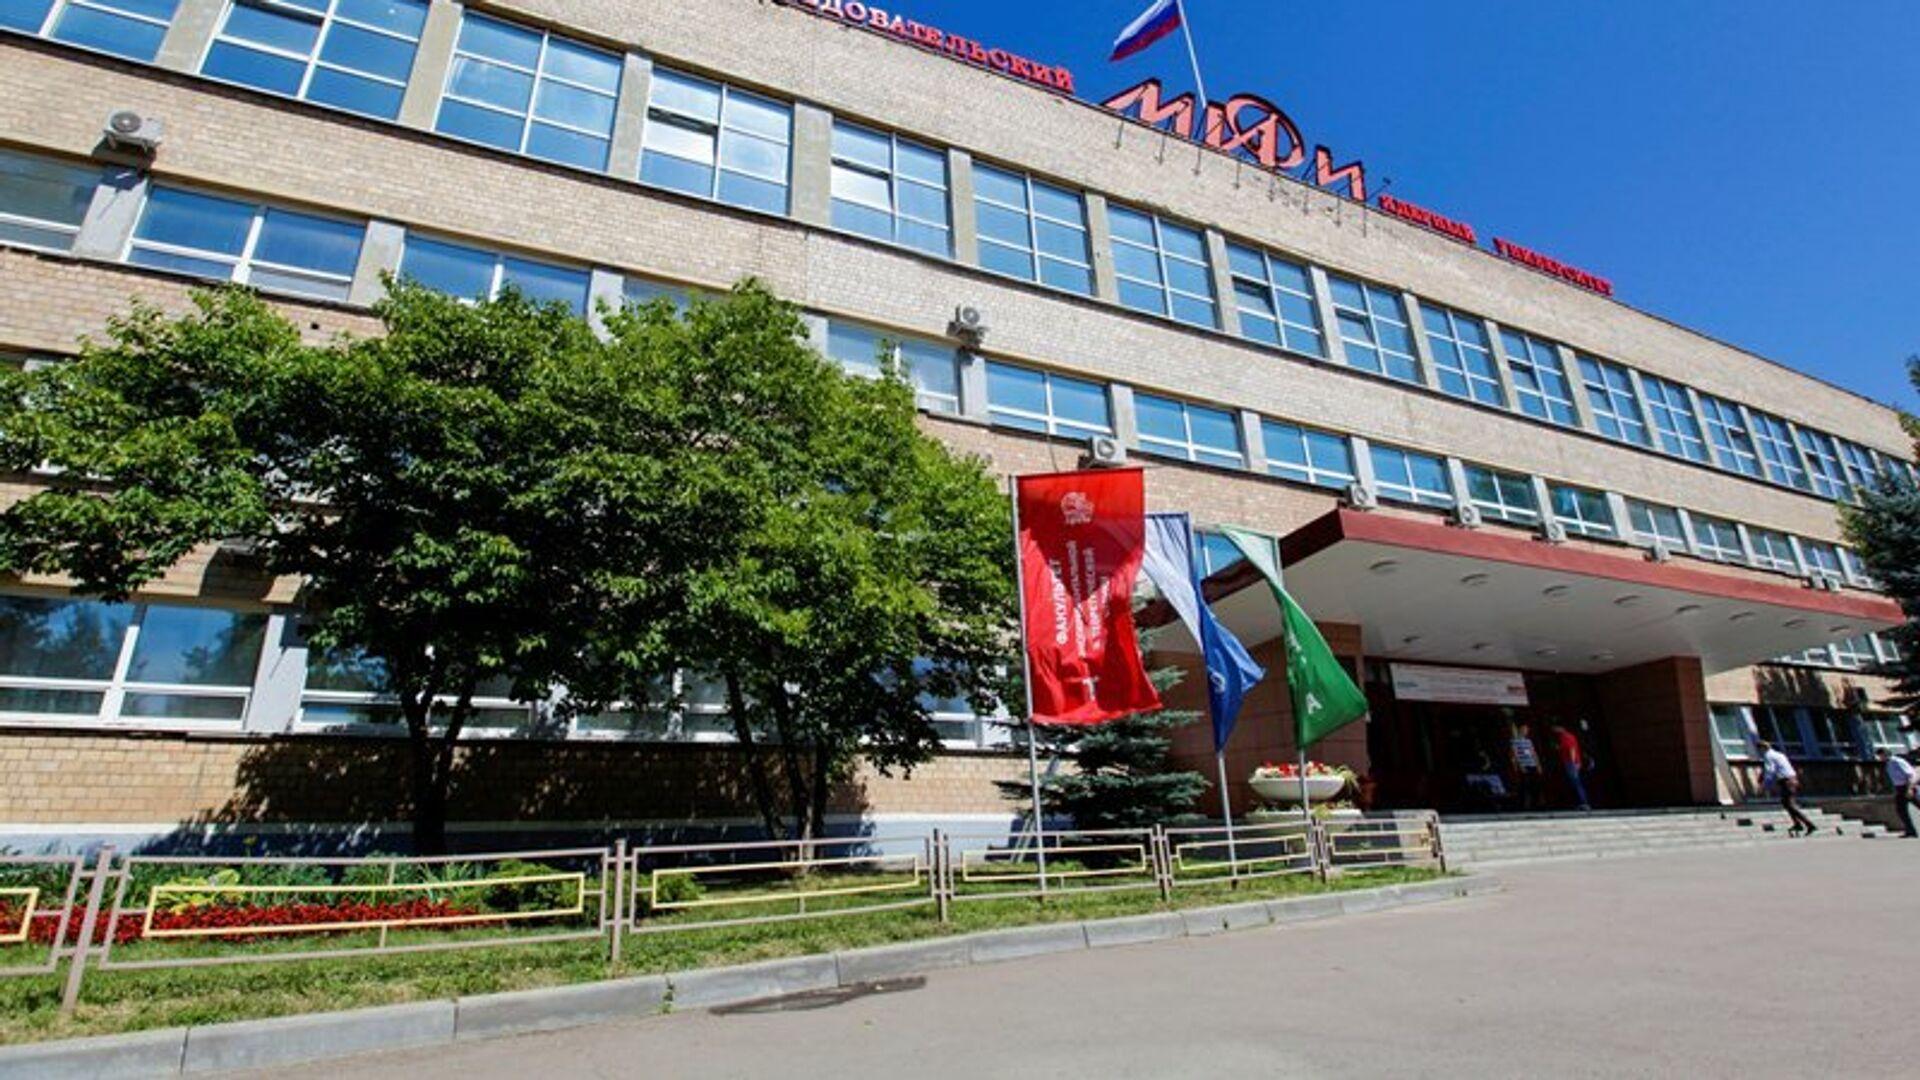 Национальный исследовательский ядерный университет МИФИ - РИА Новости, 1920, 20.07.2020